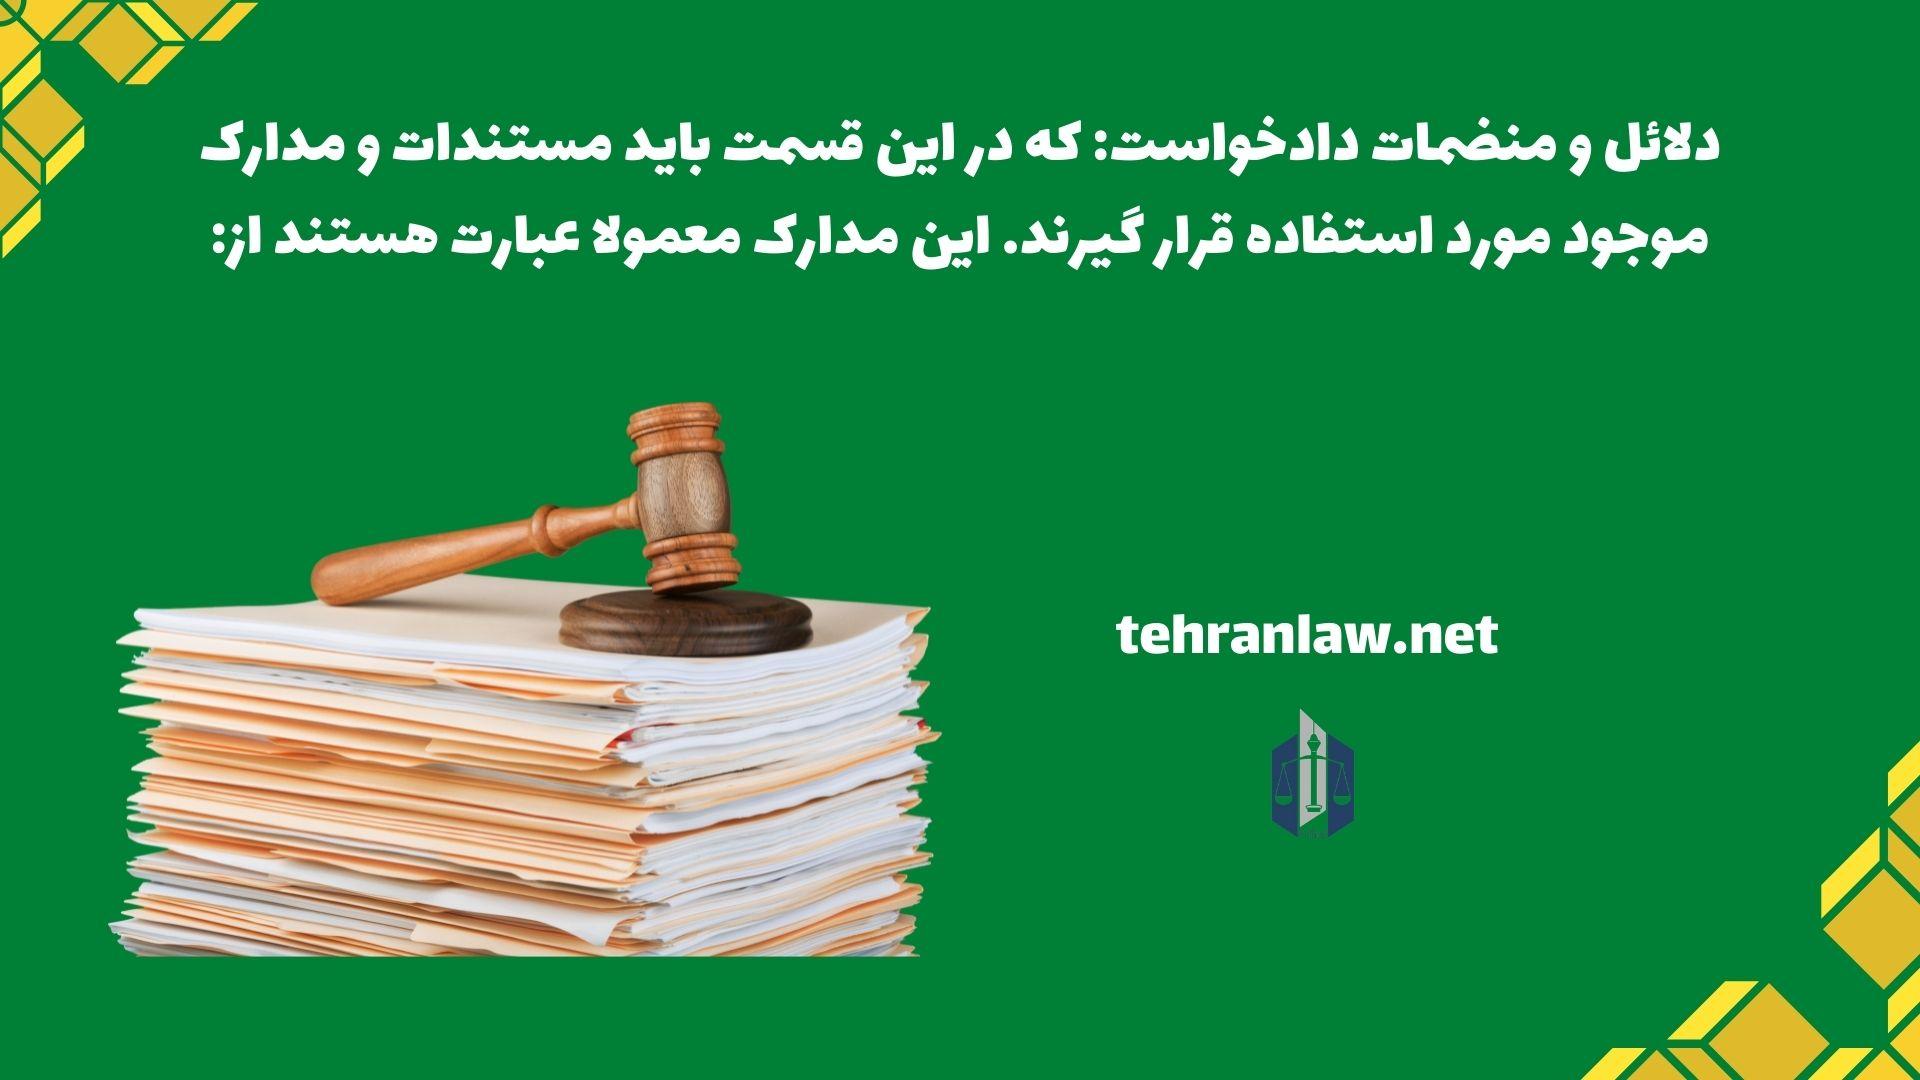 دلائل و منضمات دادخواست: که در این قسمت باید مستندات و مدارک موجود مورد استفاده قرار گیرند. این مدارک معمولا عبارت هستند از: